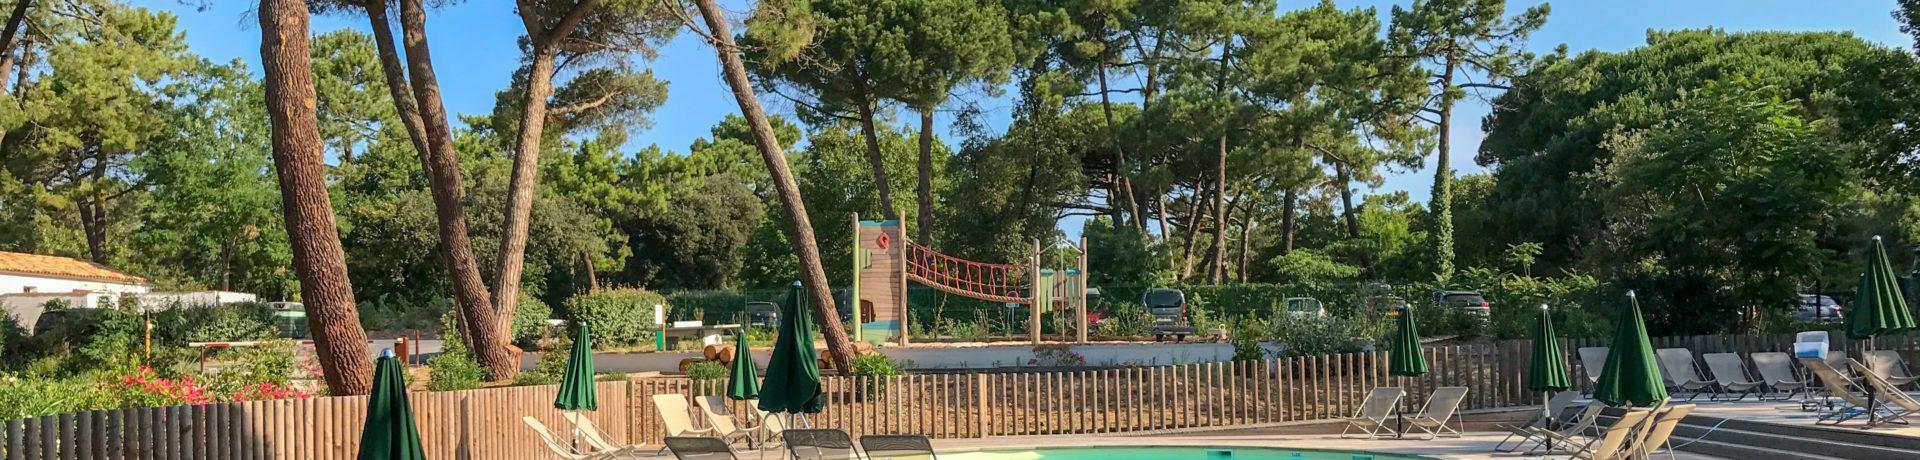 Camping Huttopia Ile de Ré in Sainte-Marie-de-Ré is een natuurcamping in Poitou-Charentes gelegen aan zee in het departement Charente-Maritime.